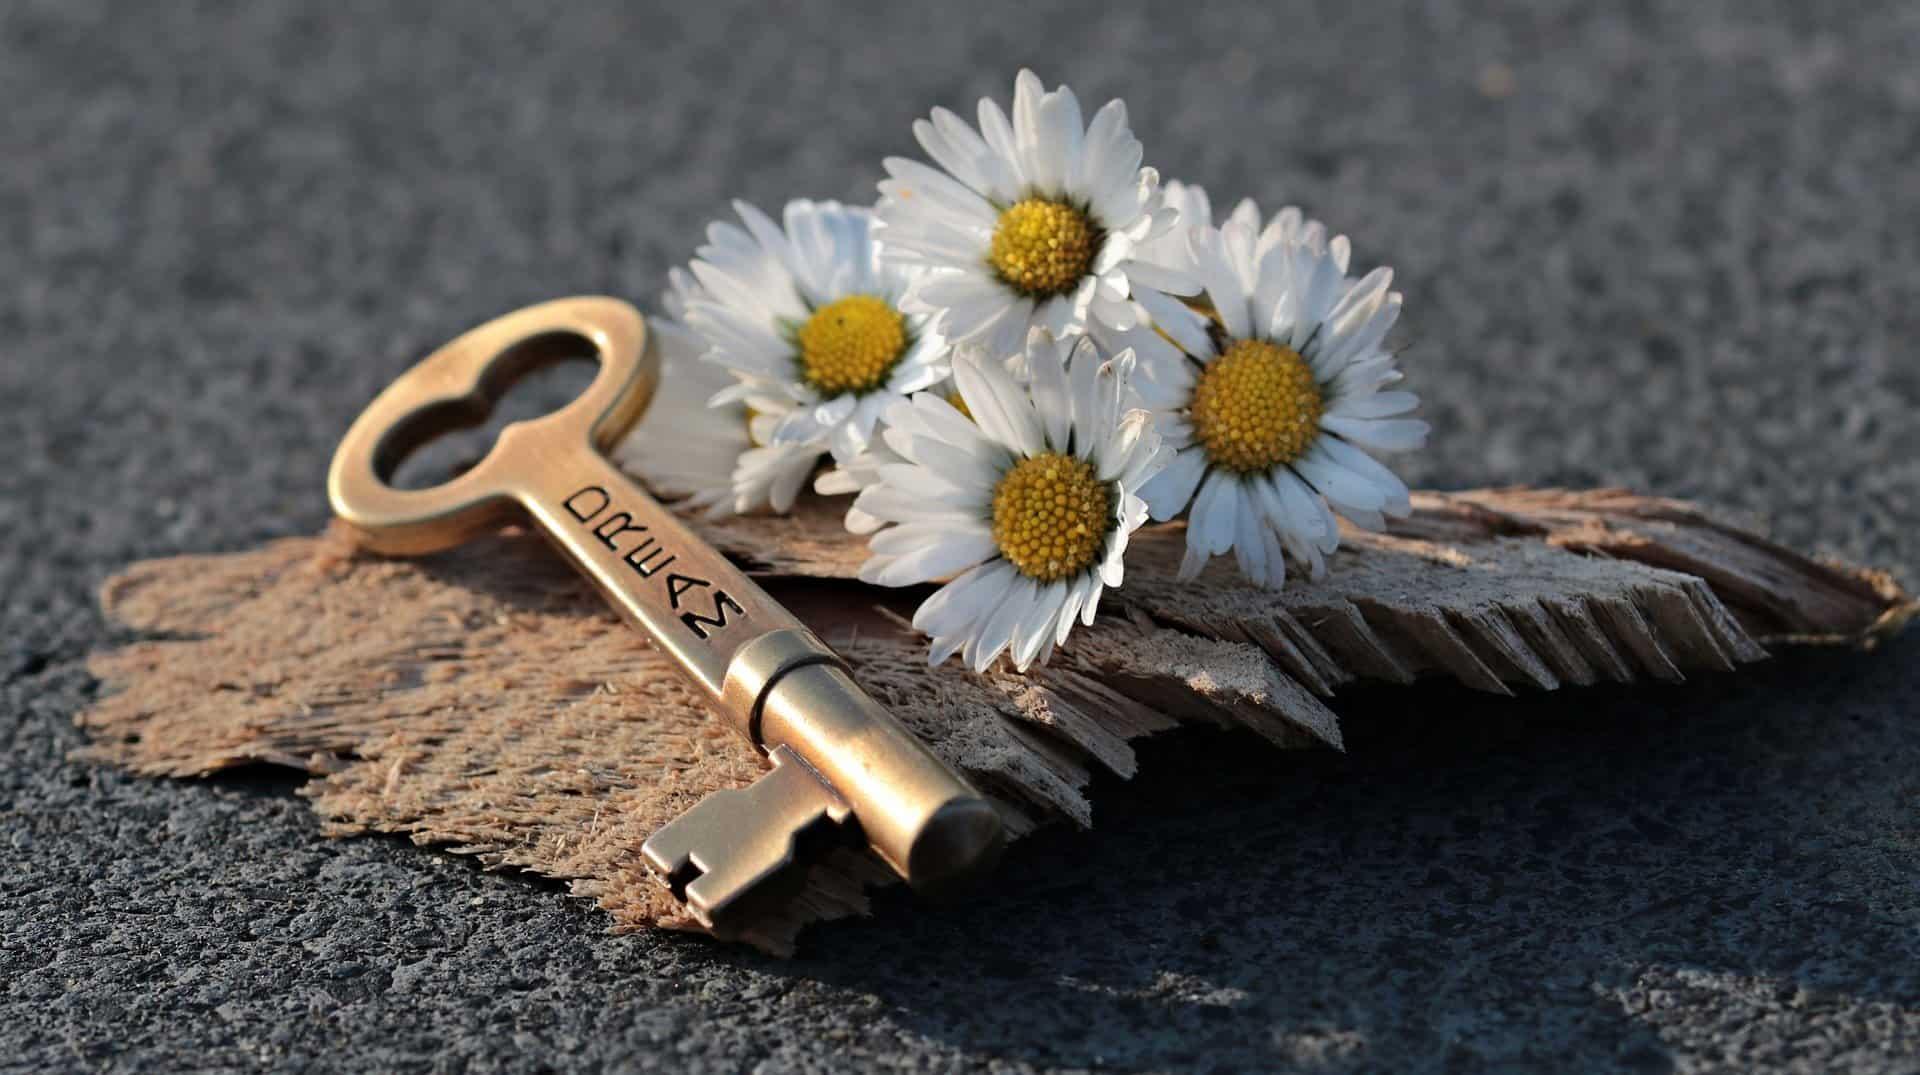 Die Erinnerung ist der Schlüssel